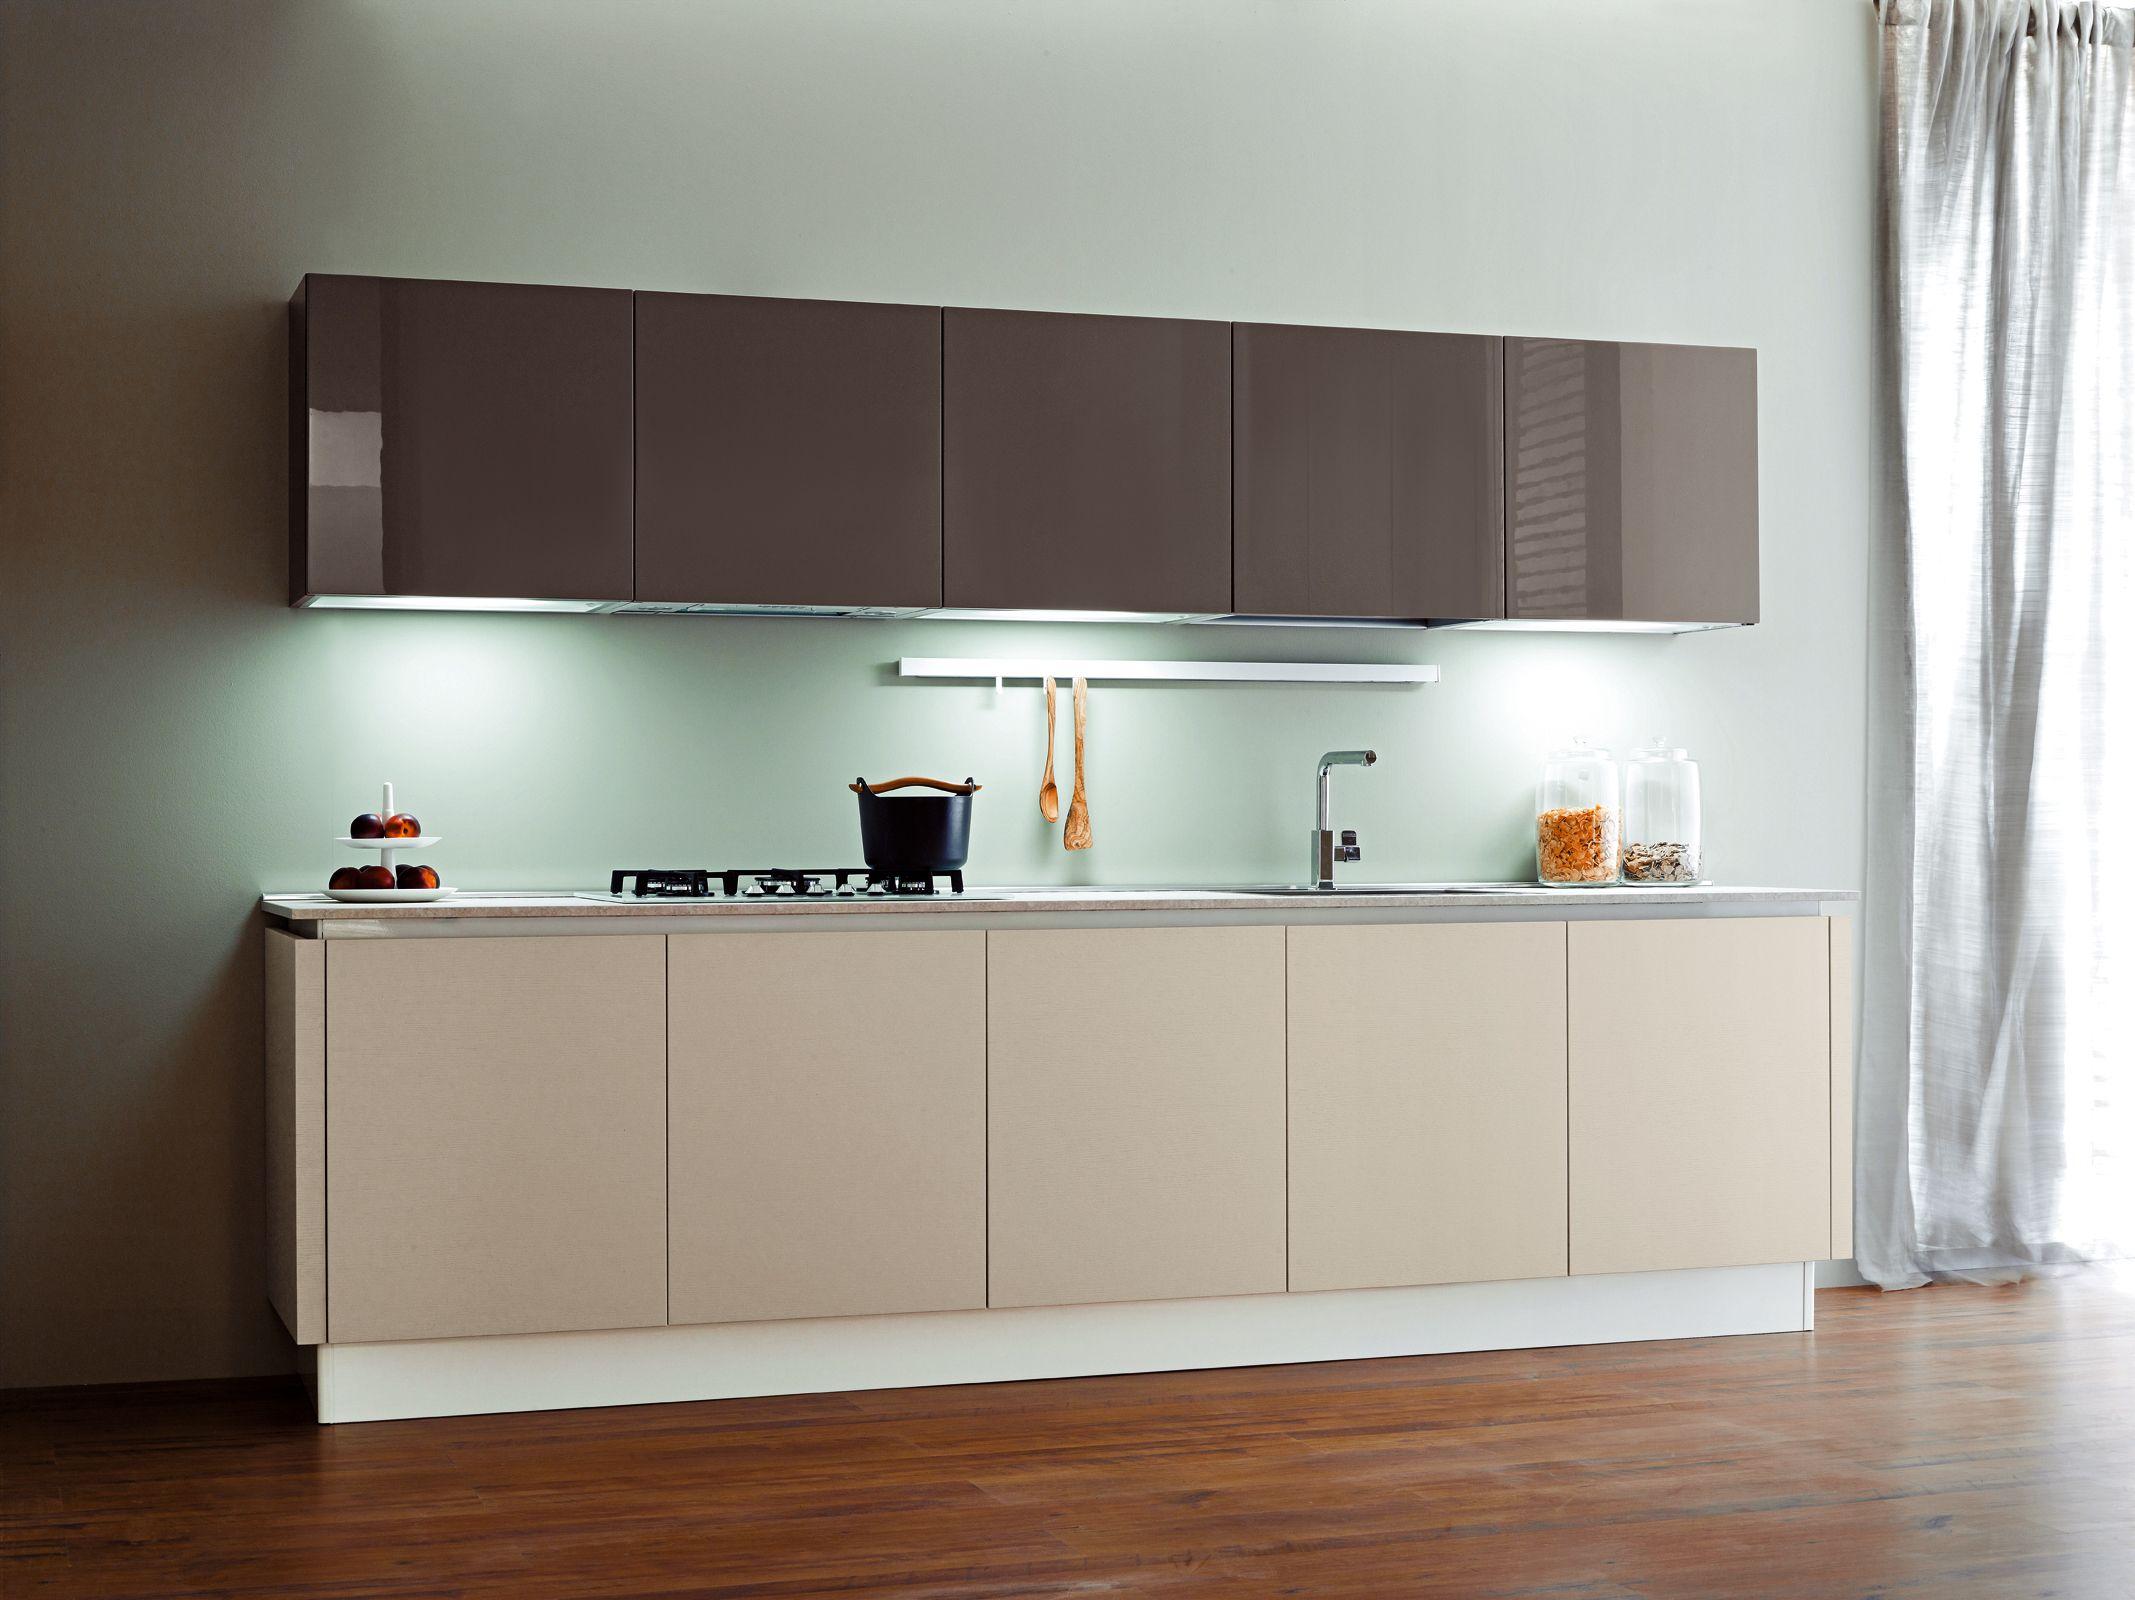 VOLARE - Aran cucine. Contemporary design kitchen. | Design ~ decor ...